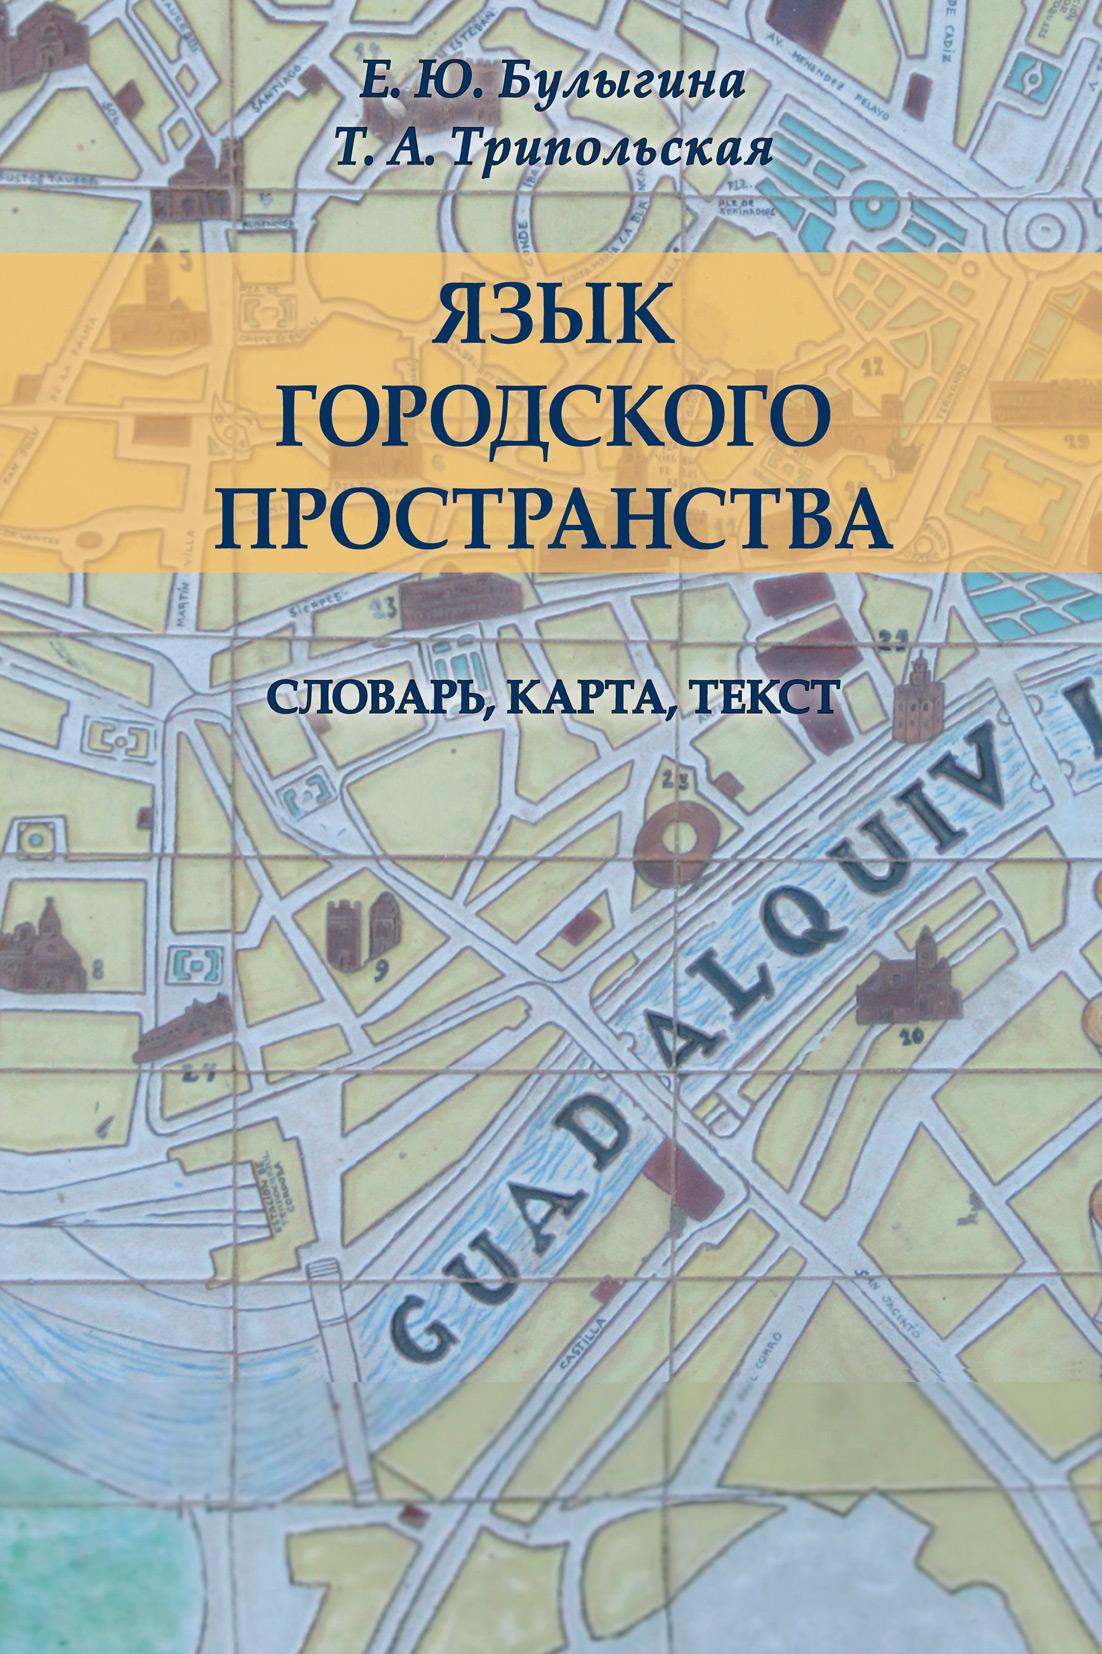 Язык городского пространства: словарь, карта, текст